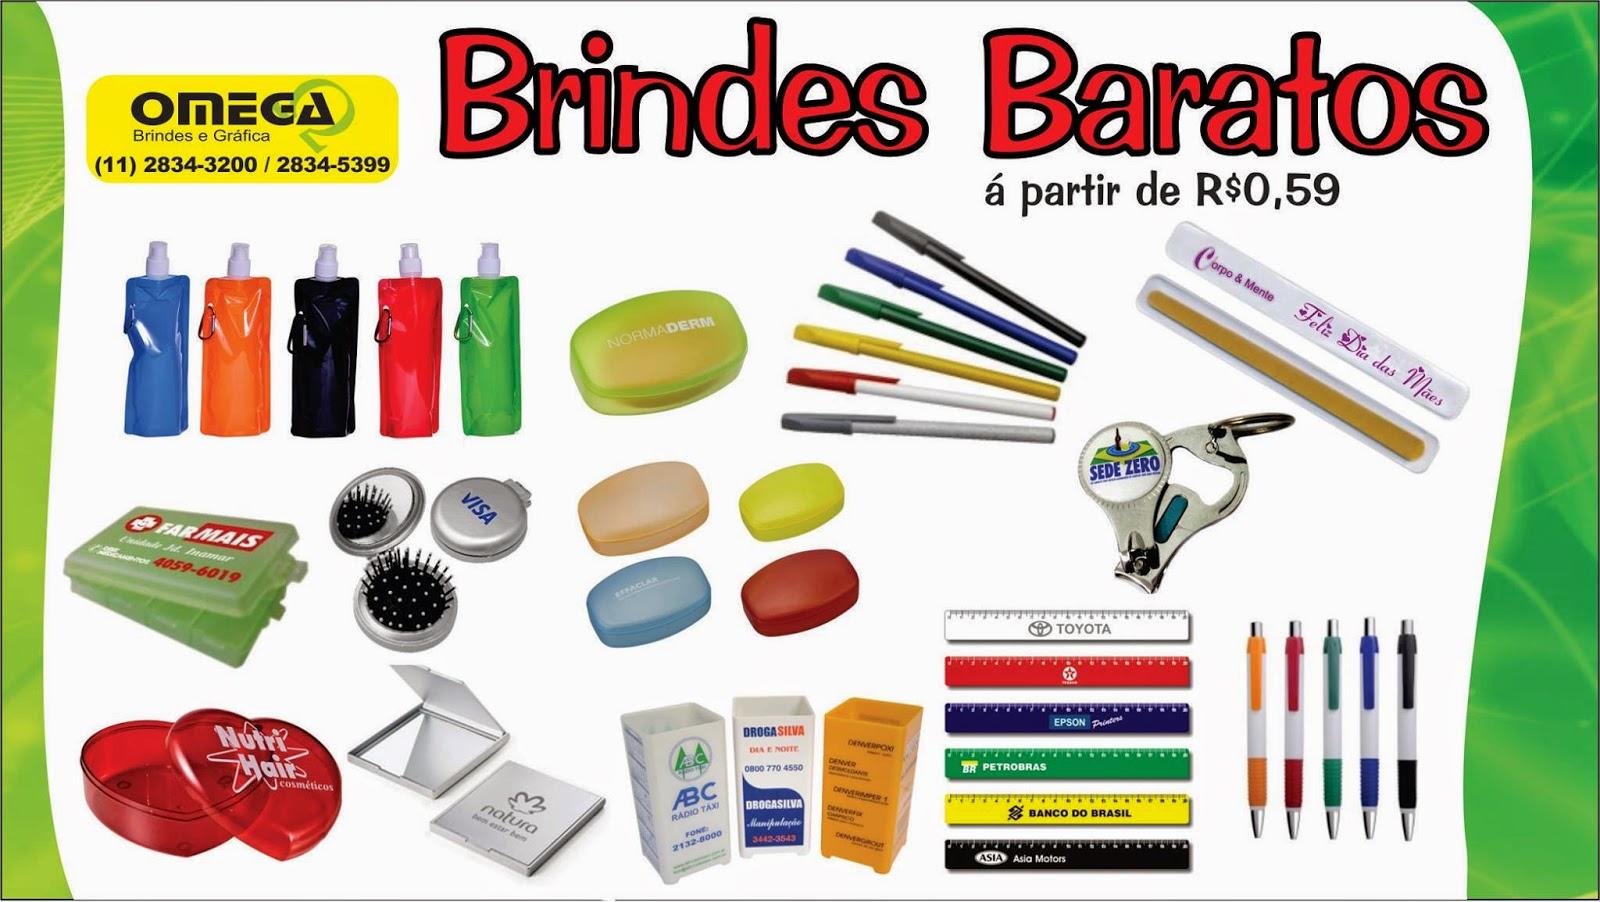 8c72abd08 ... pensando nisto a Omega Brindes oferece Brindes Baratos a partir de R$  0,39 para ajudar na sua divulgação em eventos feira e distribuição e geral.